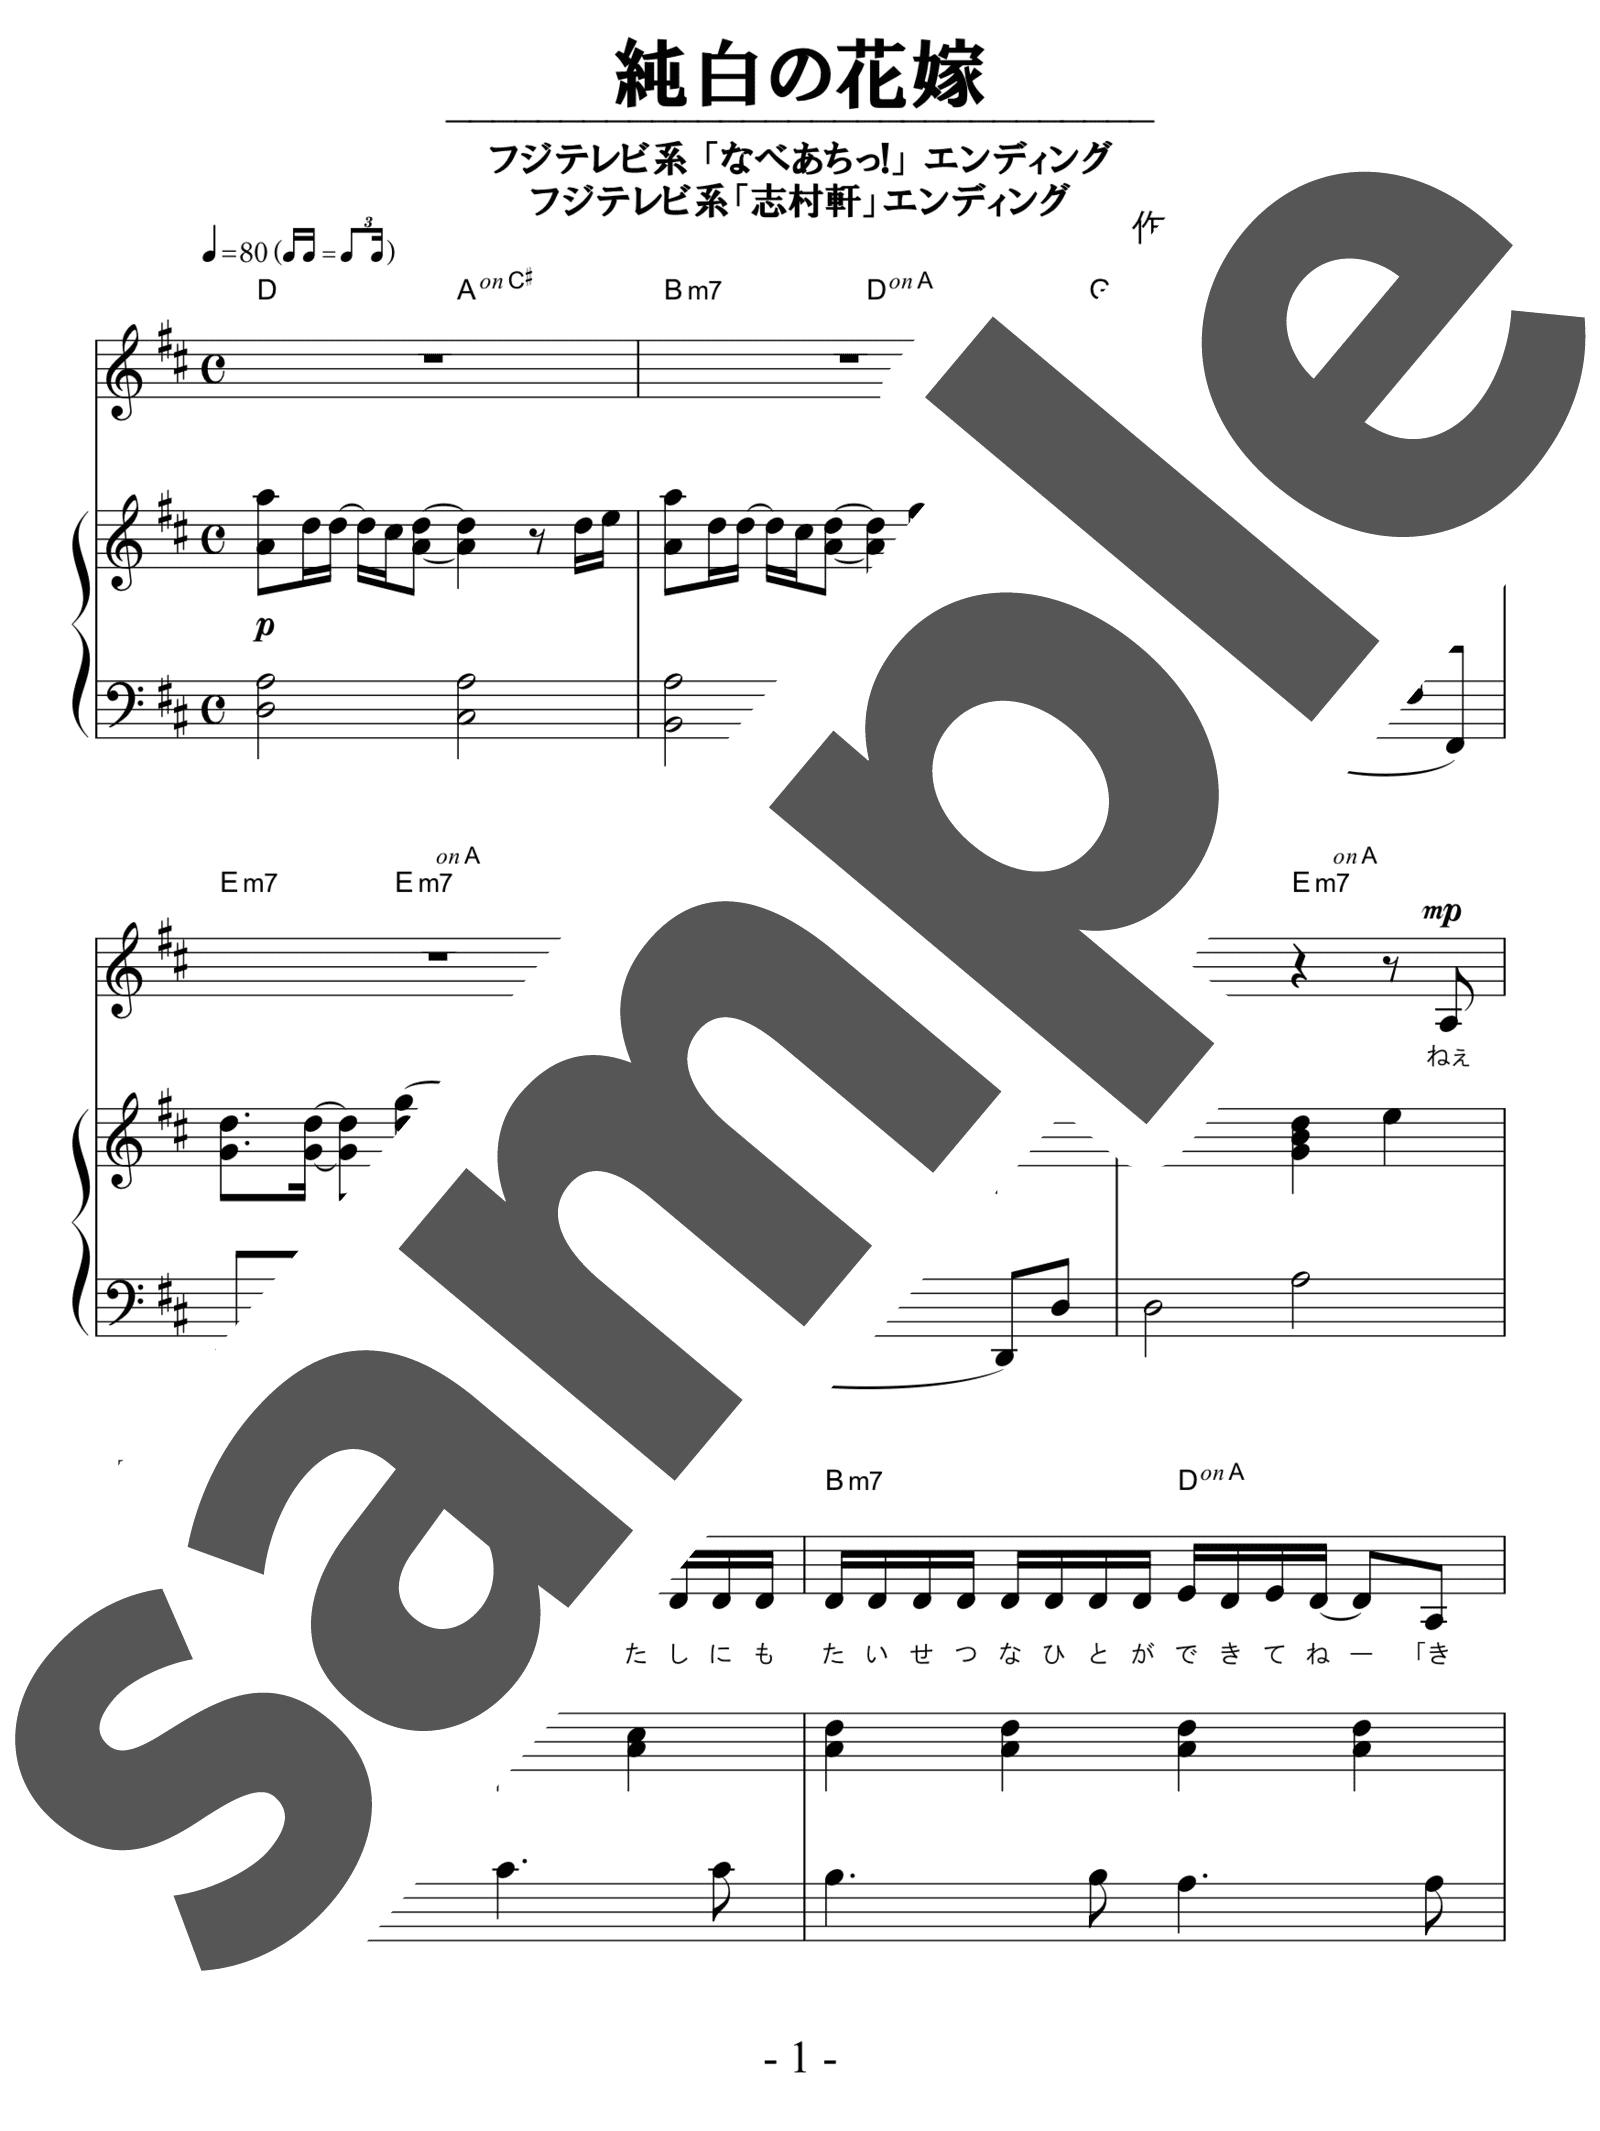 「純白の花嫁」のサンプル楽譜